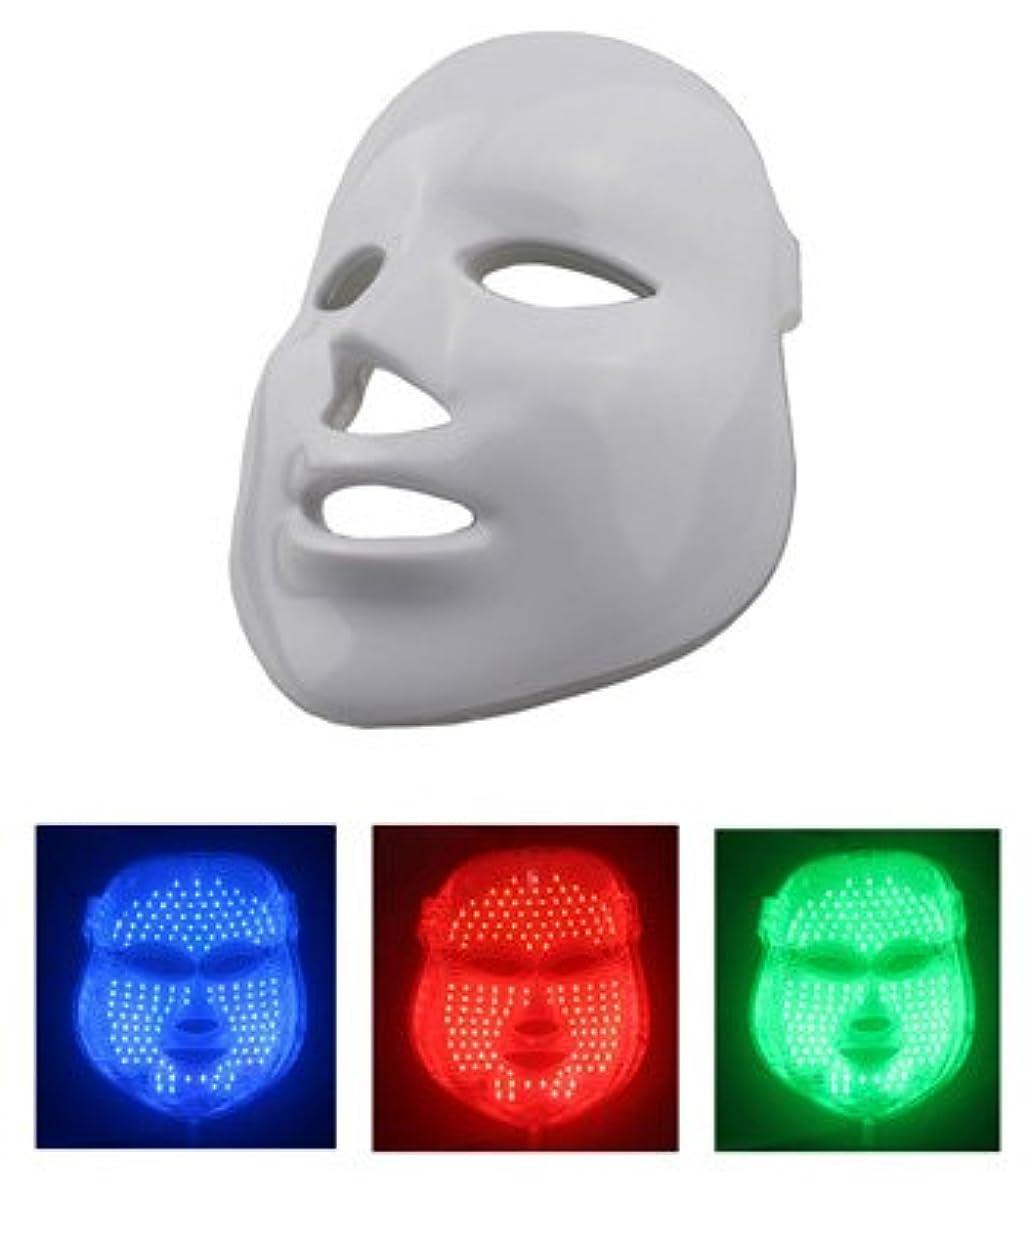 同等の受信小人美顔 LEDマスク LED美顔器 三色モデル